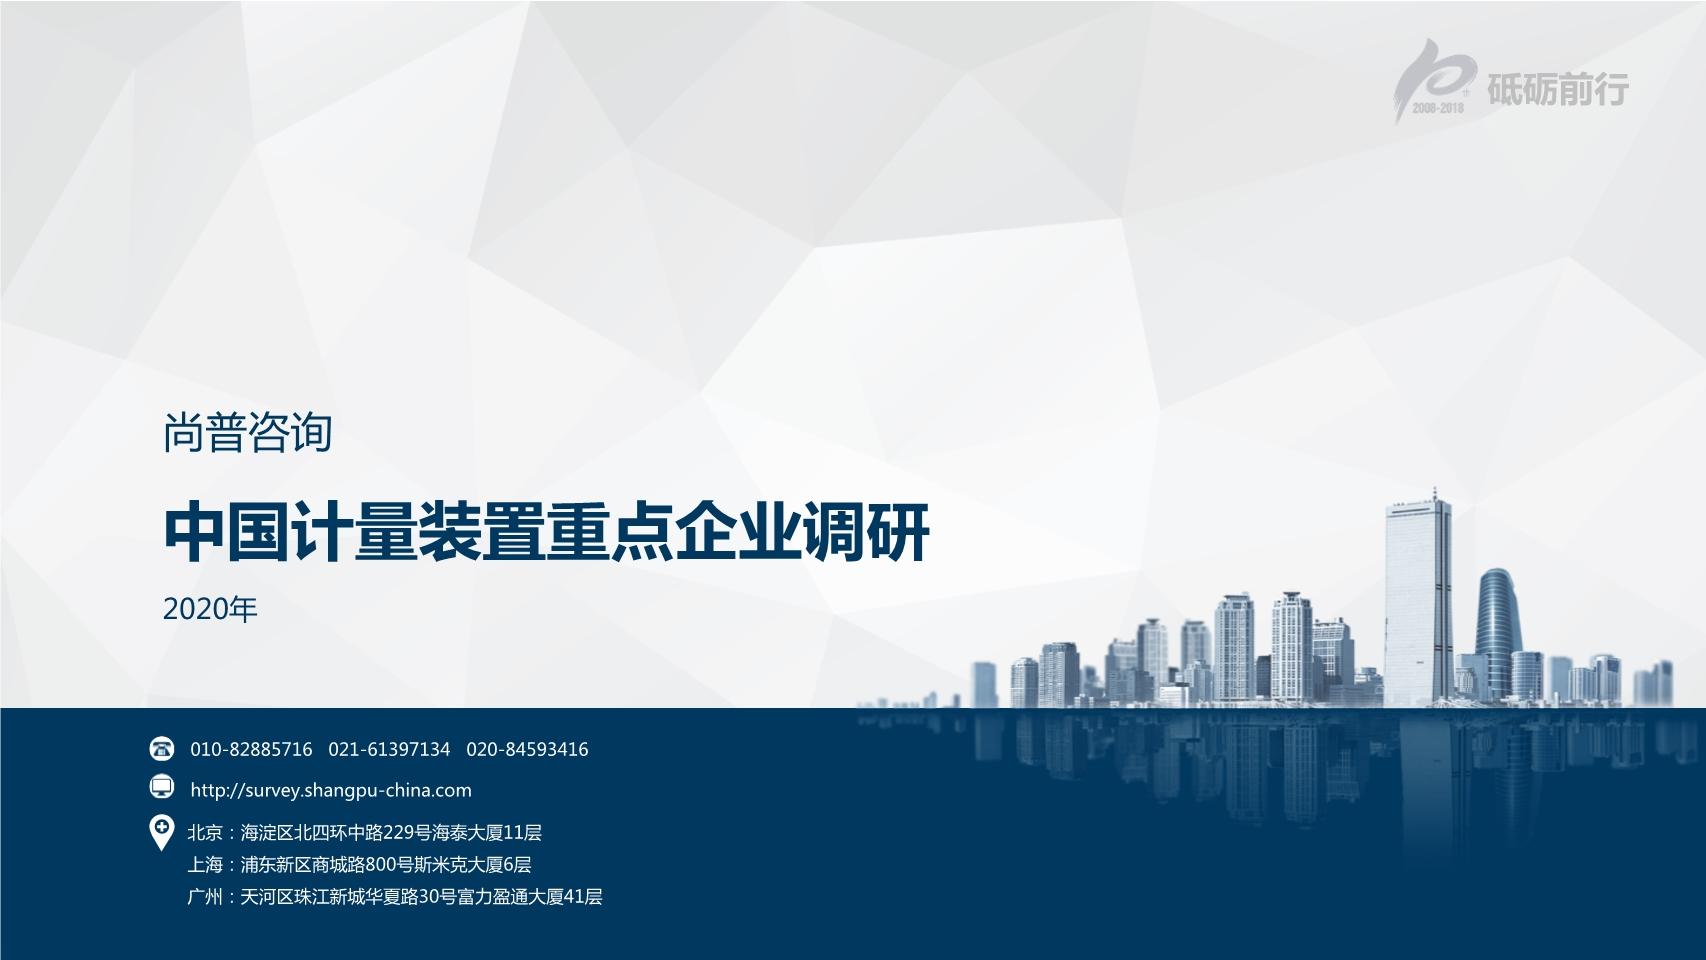 尚普咨询-2020年中国计量装置重点企业调研